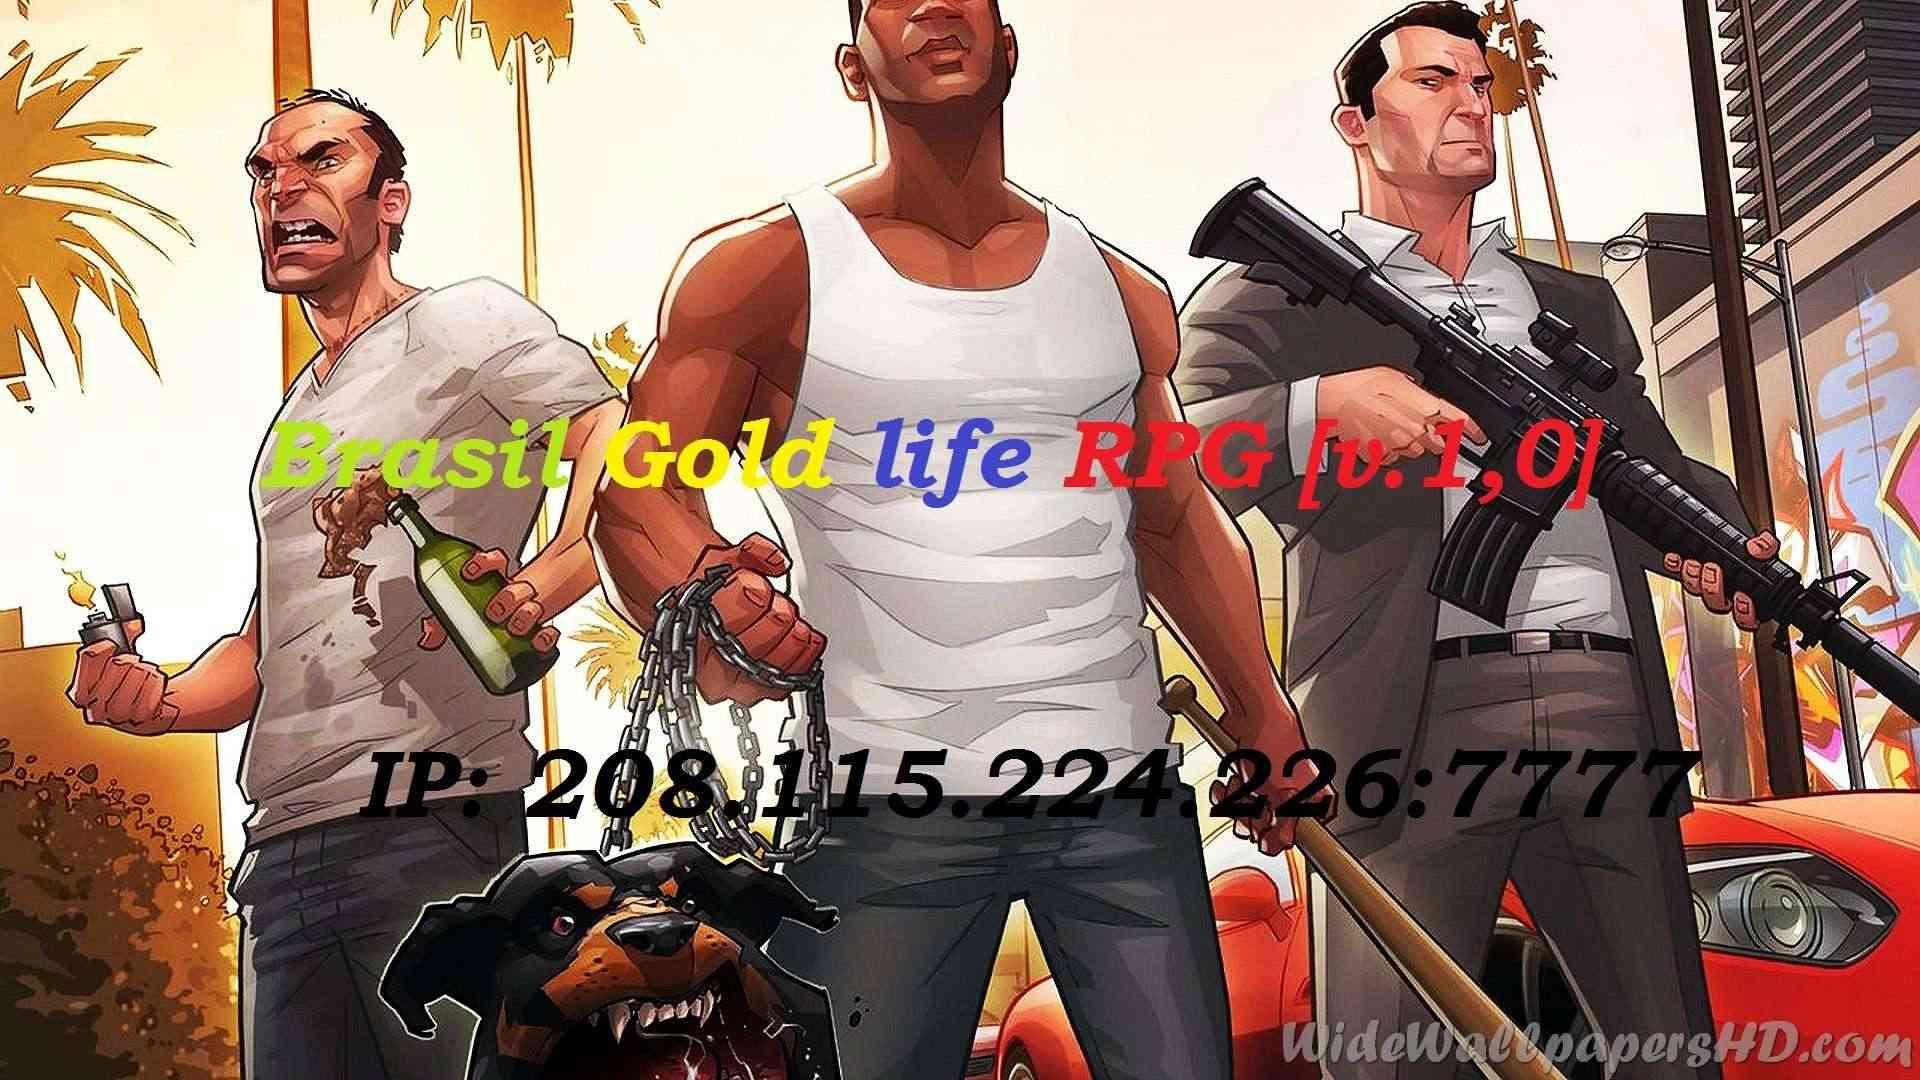 Brasil Gold Life RPG V.1,0